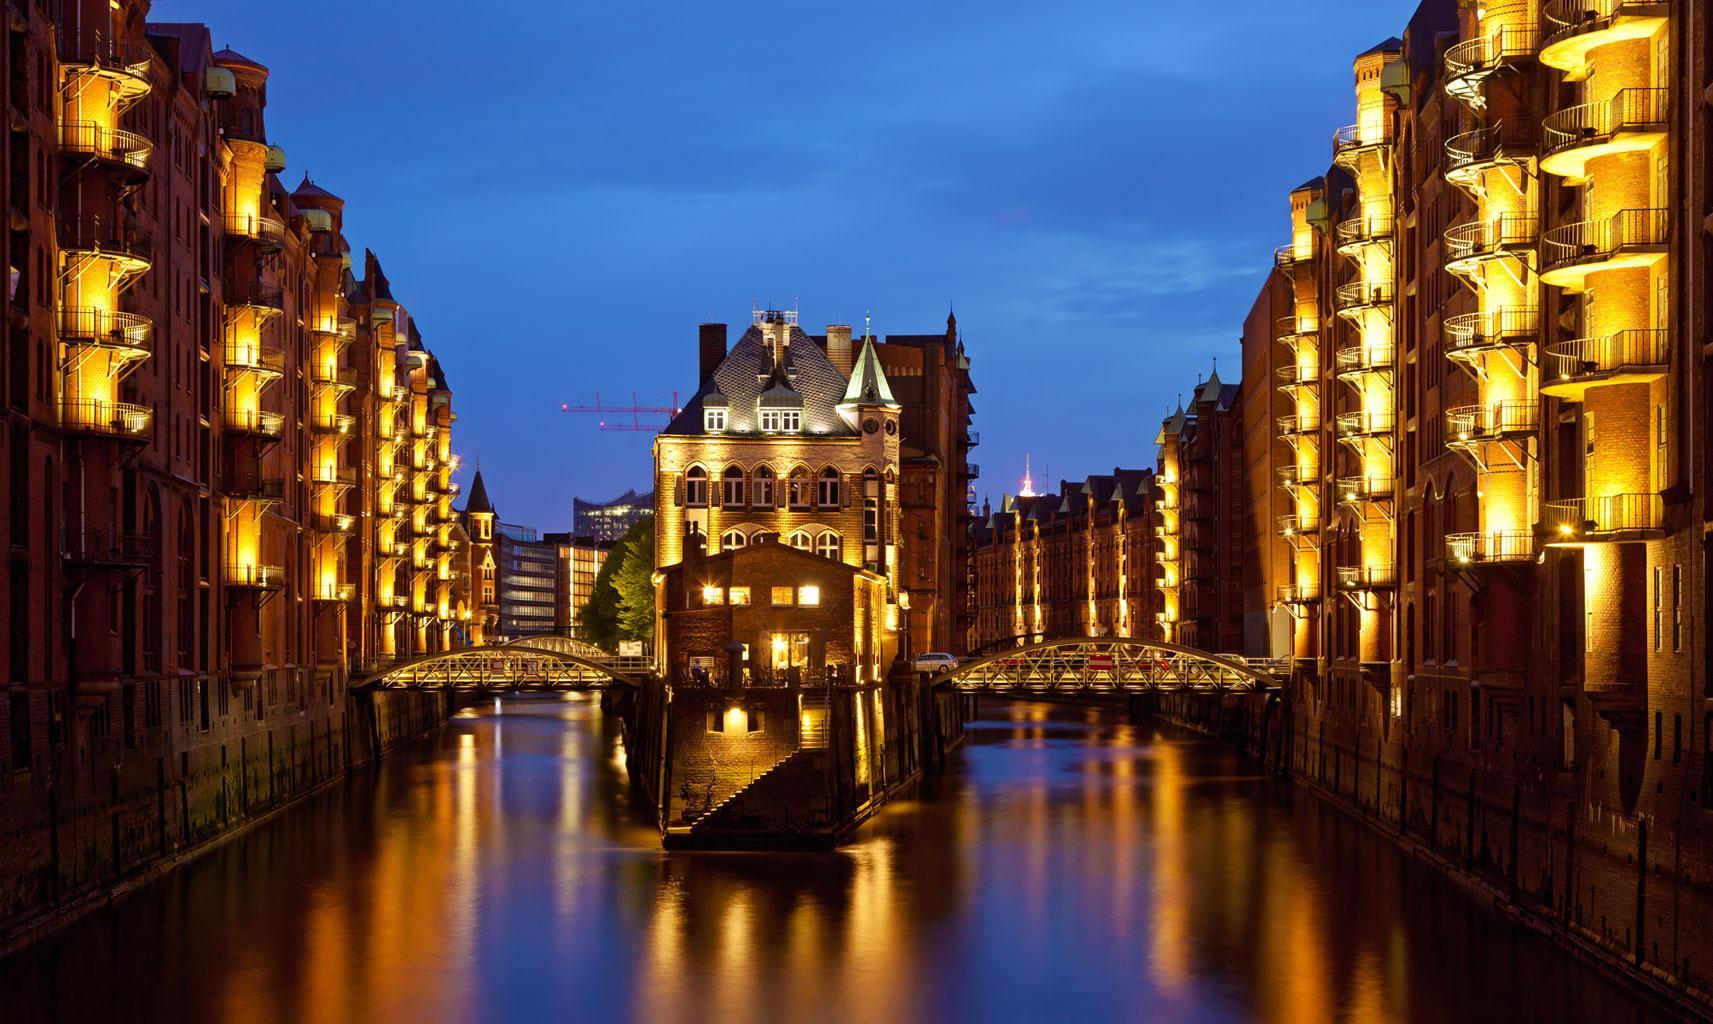 Обои шпайхерштадт, германия, гамбург. Города foto 14